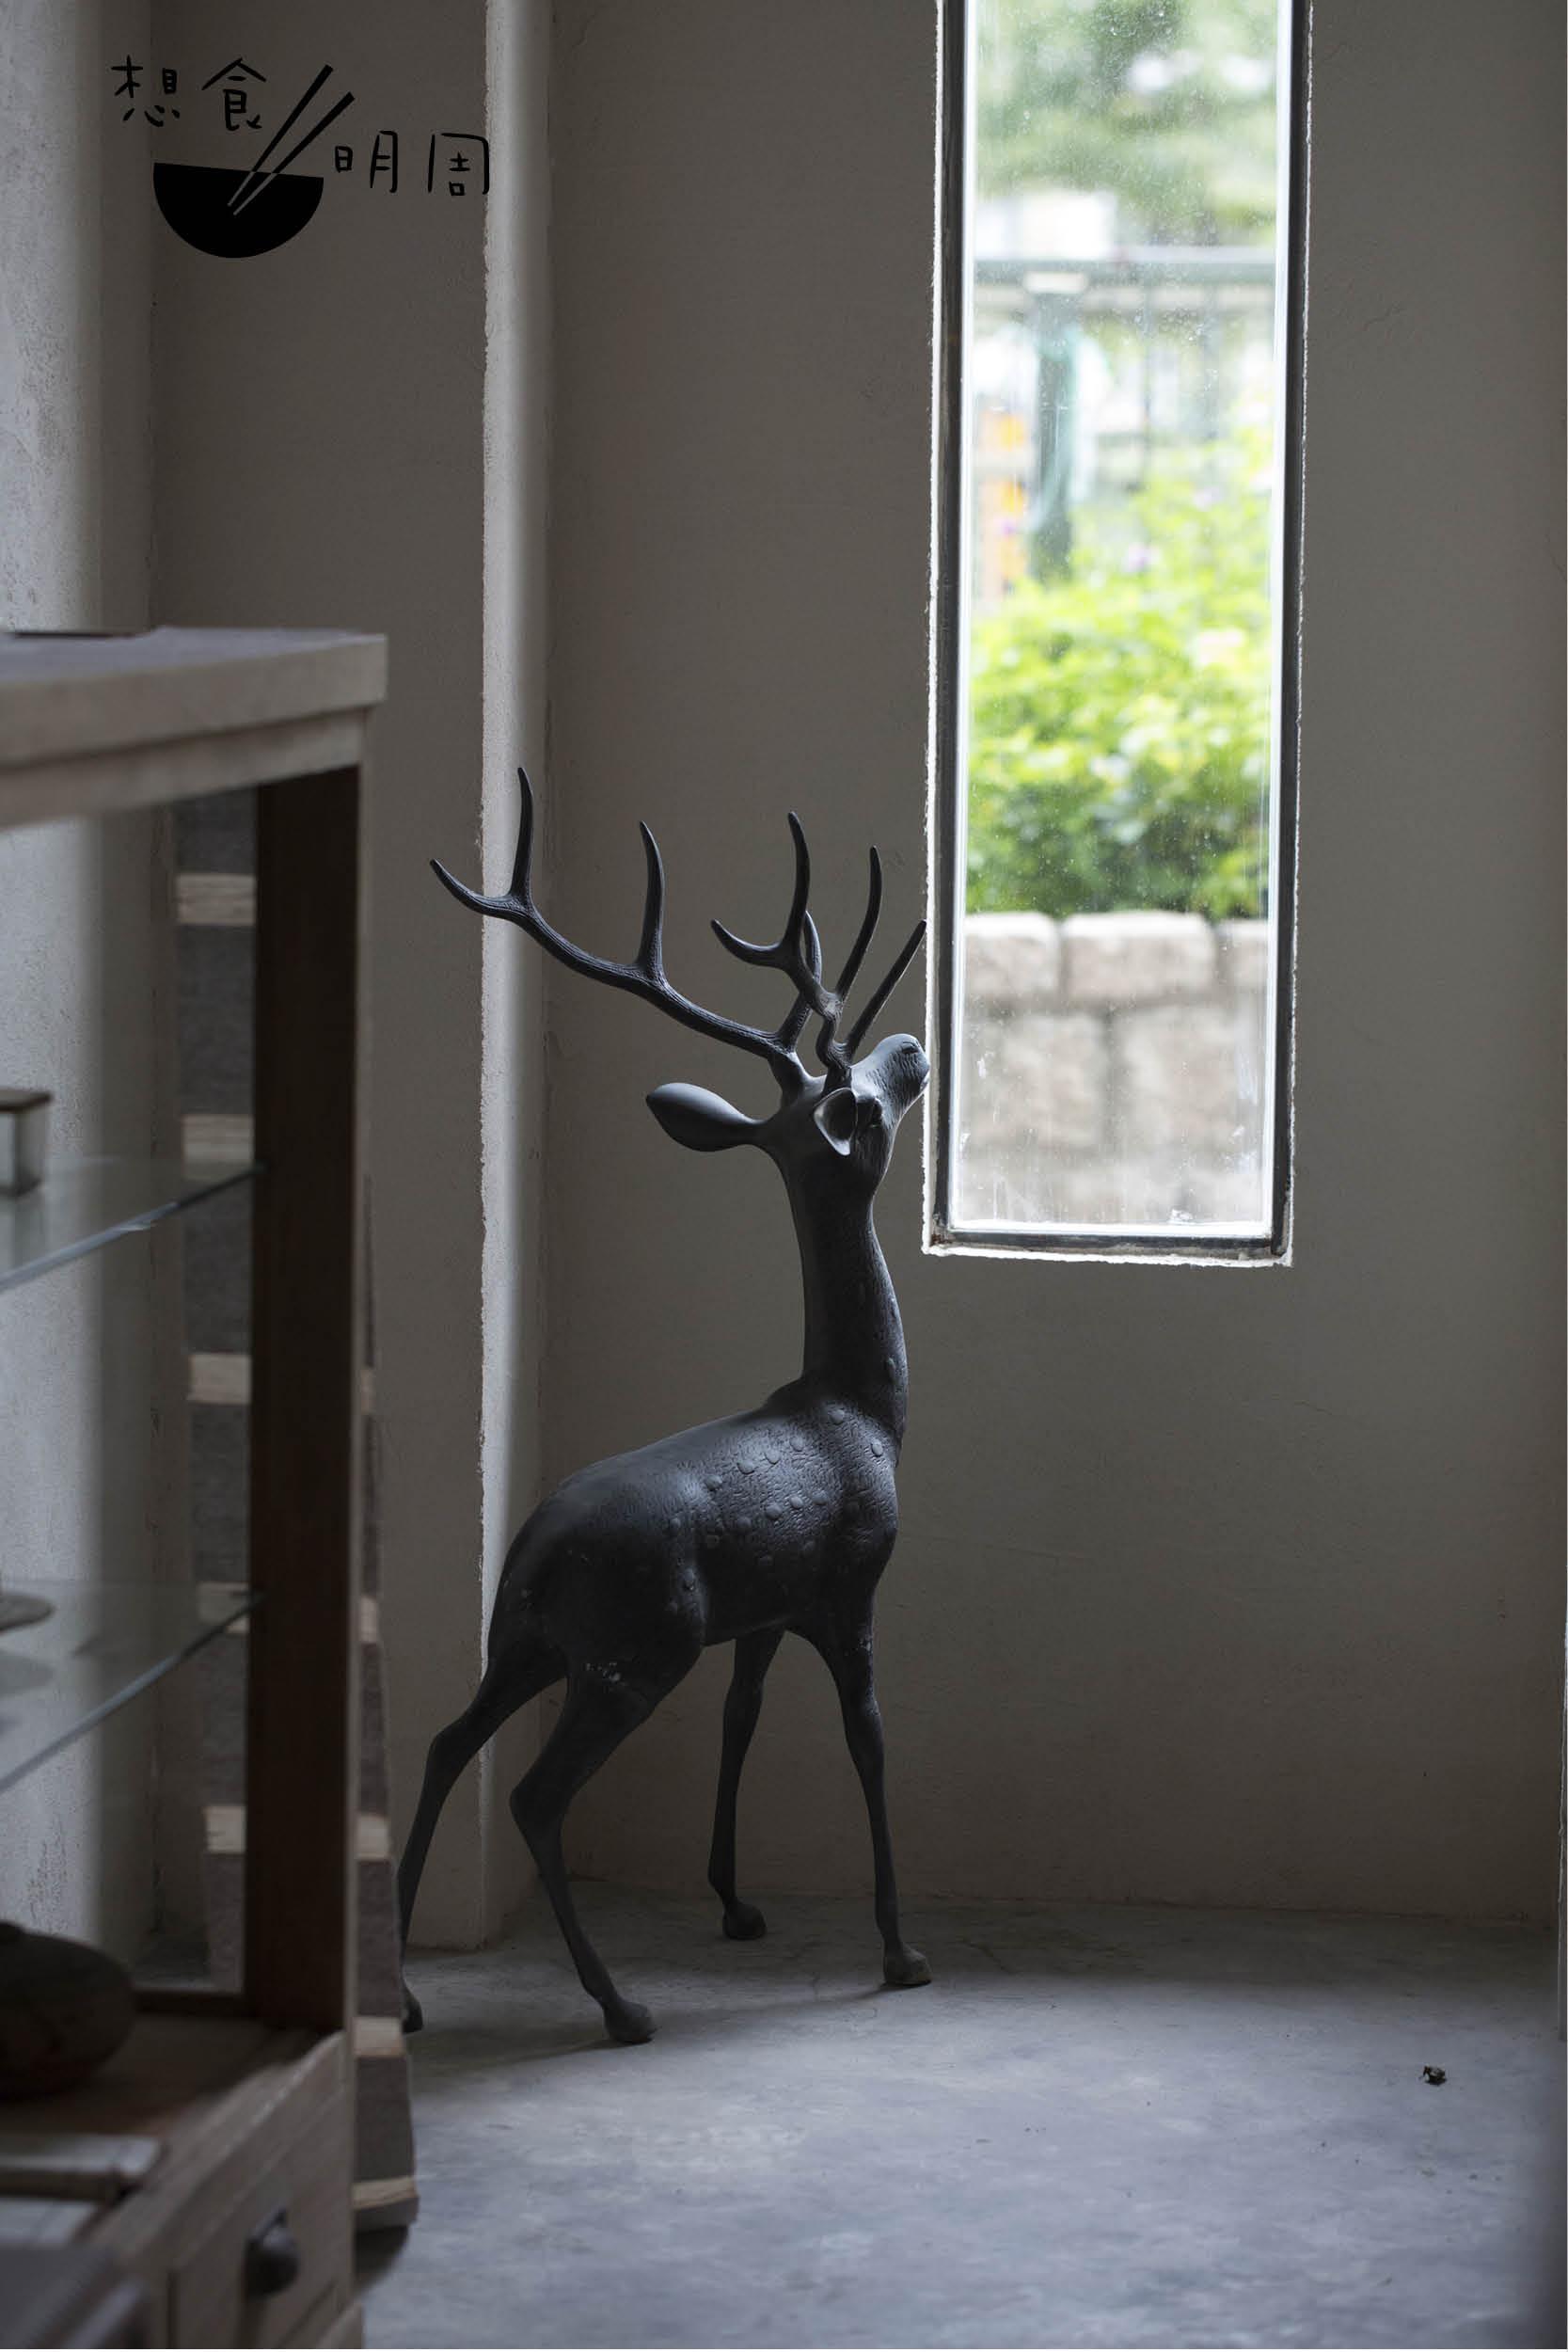 把昭和初期銅鹿安放在近門處,成為了大多訪客的打卡對象。但實際上,Pete想分享的是,日本的鹿不止是大家印象中那在京都被餵飼與打卡的鹿,在古代更是有騎鹿射箭之用,「由於古代的雄鹿很大隻(體型只比馬略小),而日本人個子細小,以鹿代馬絕對無問題。」